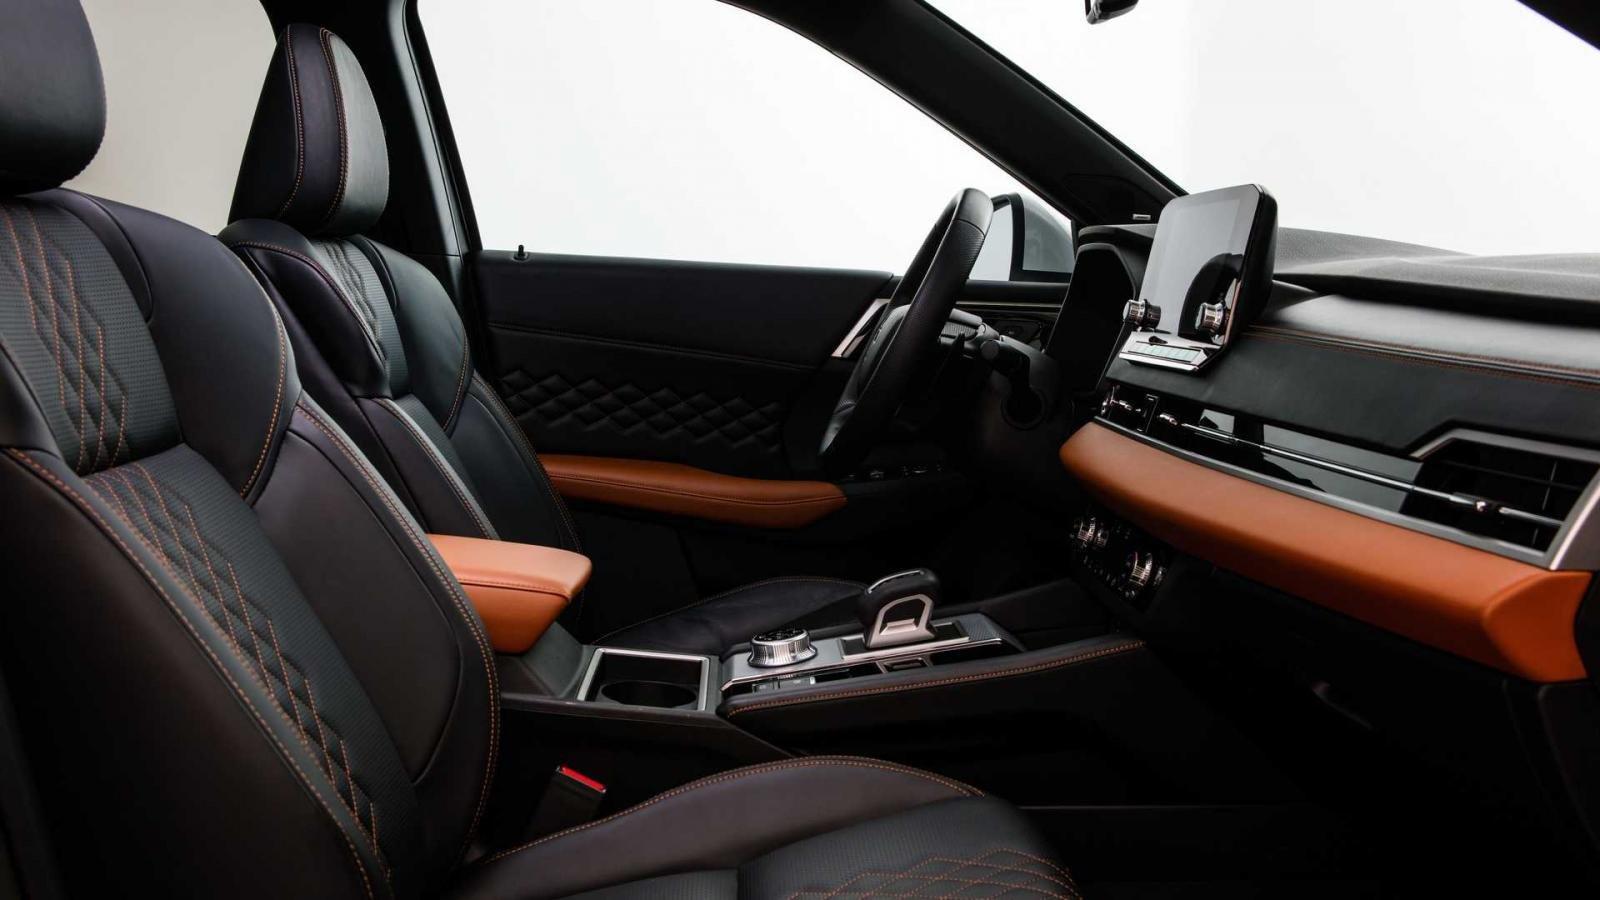 Mitsubishi Outlander 2022 sở hữu các gói nâng cấp đáng quan tâm.